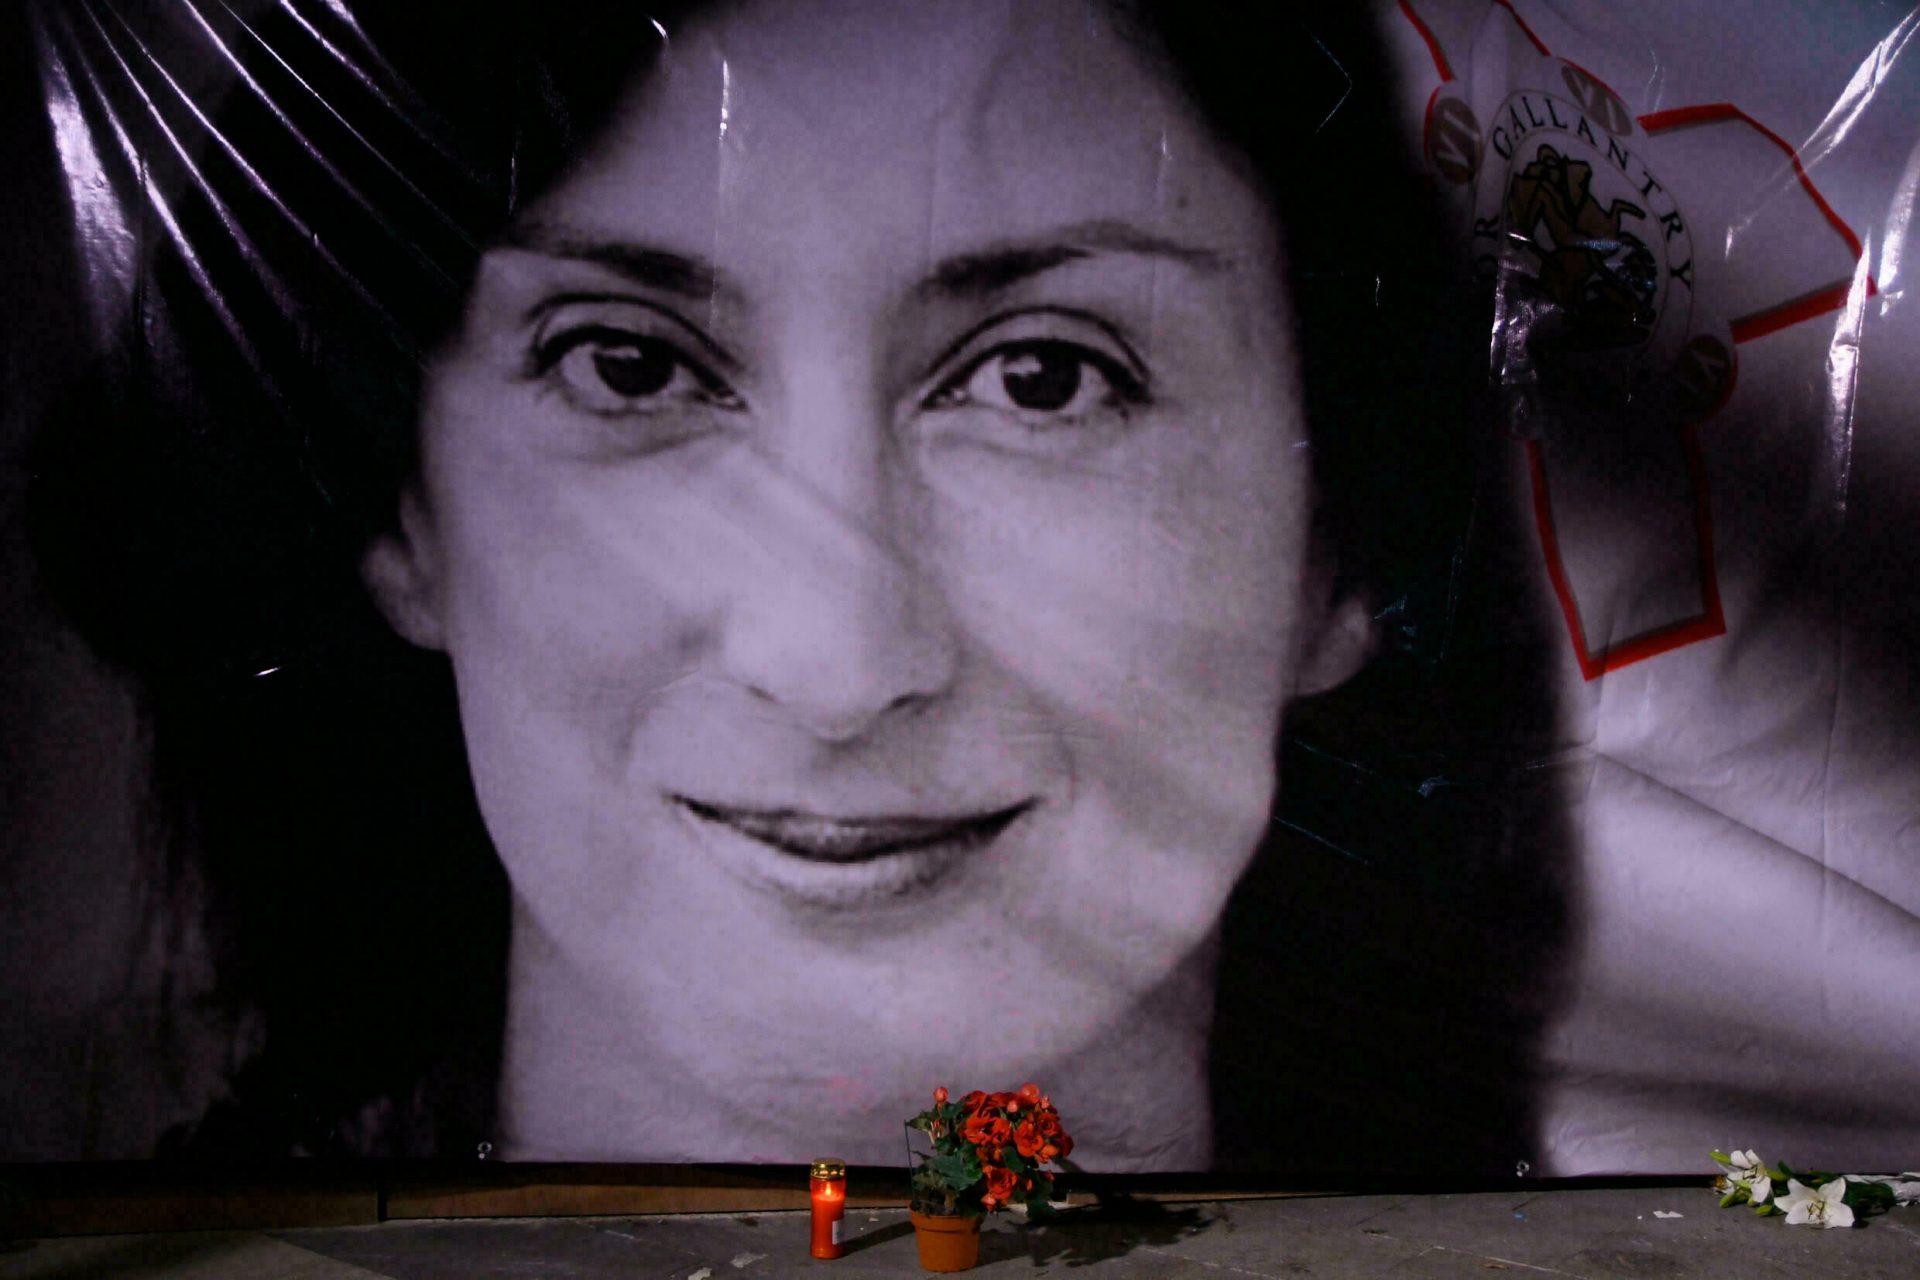 Statul maltez, vinovat pentru asasinarea jurnalistei Daphne Caruana Galizia